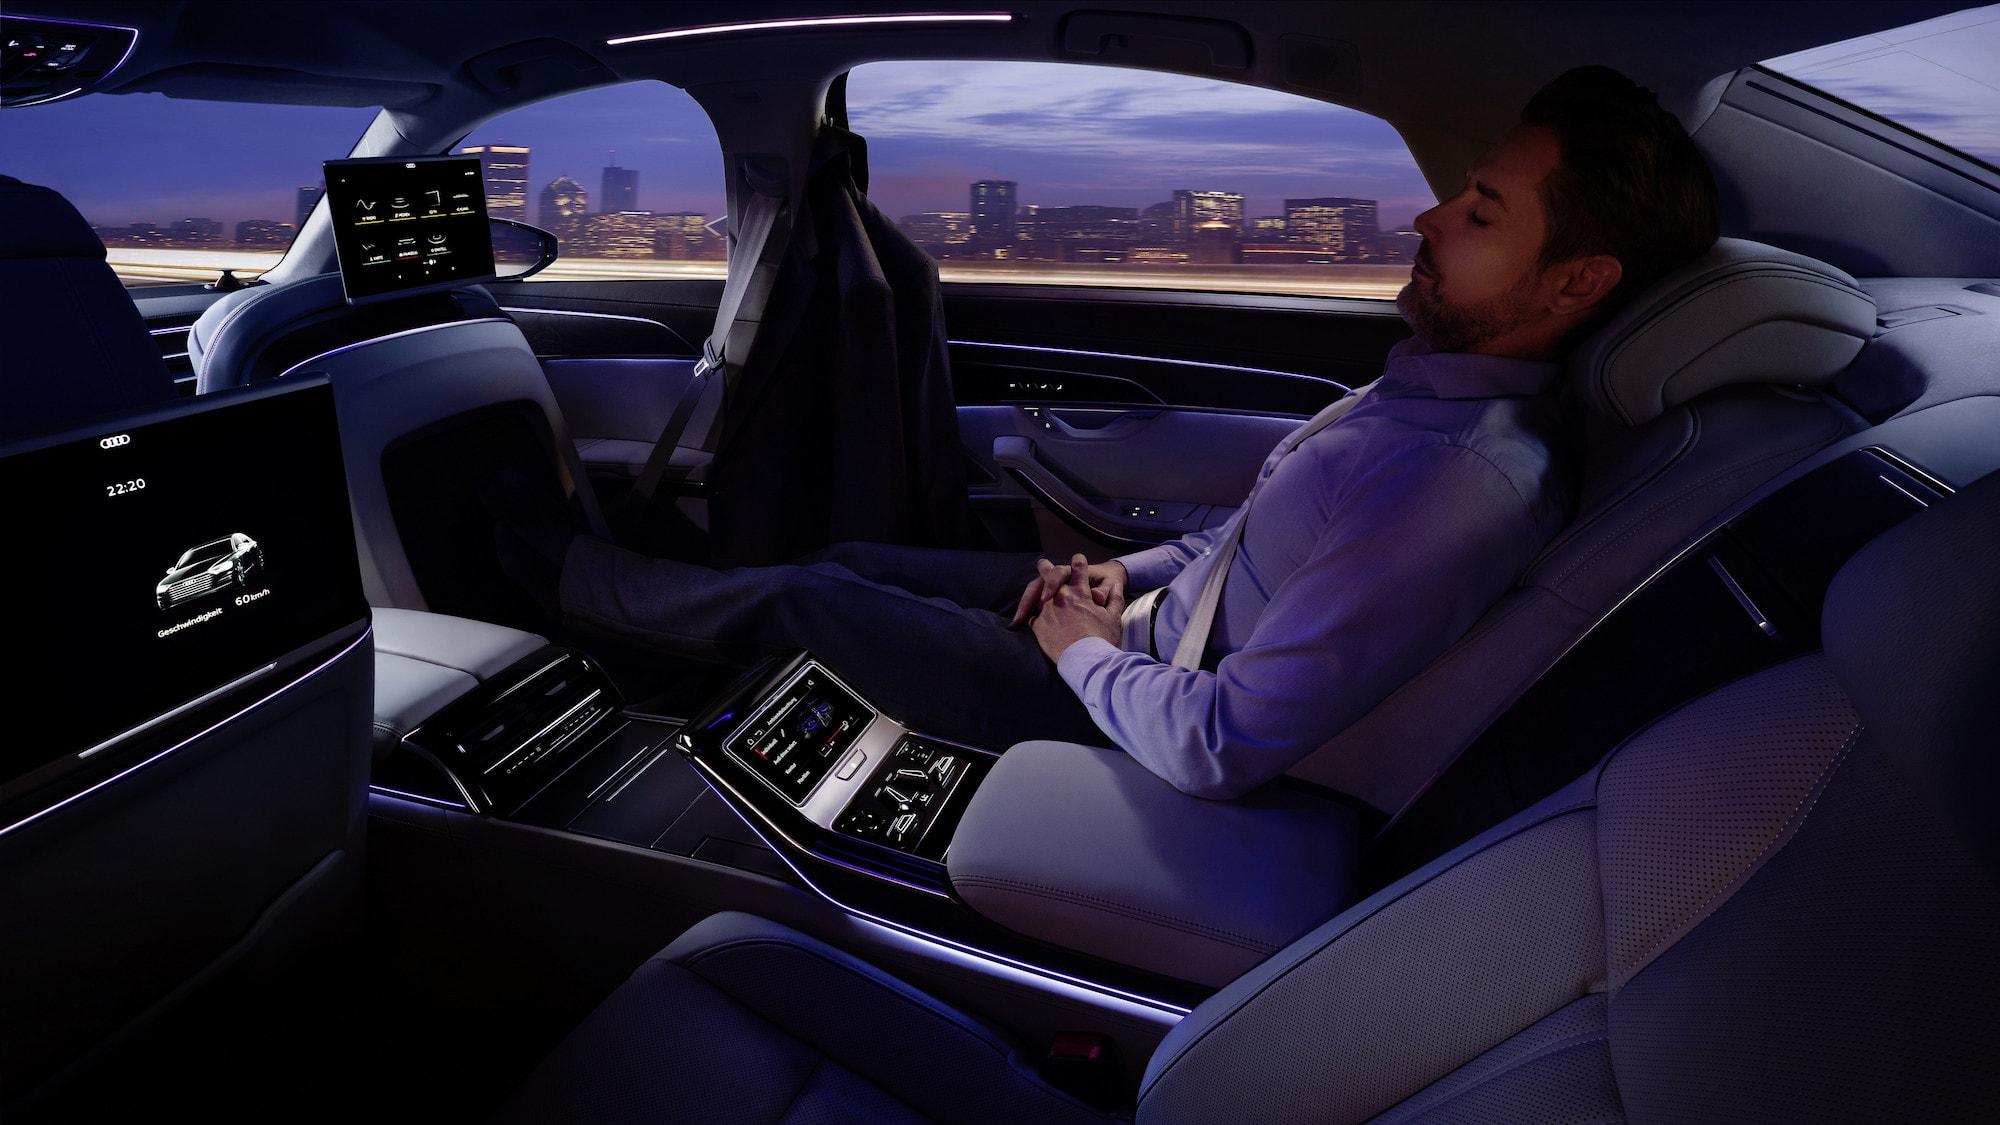 Ein Schritt Richtung Zukunft: Das ist der neue Audi A8 9